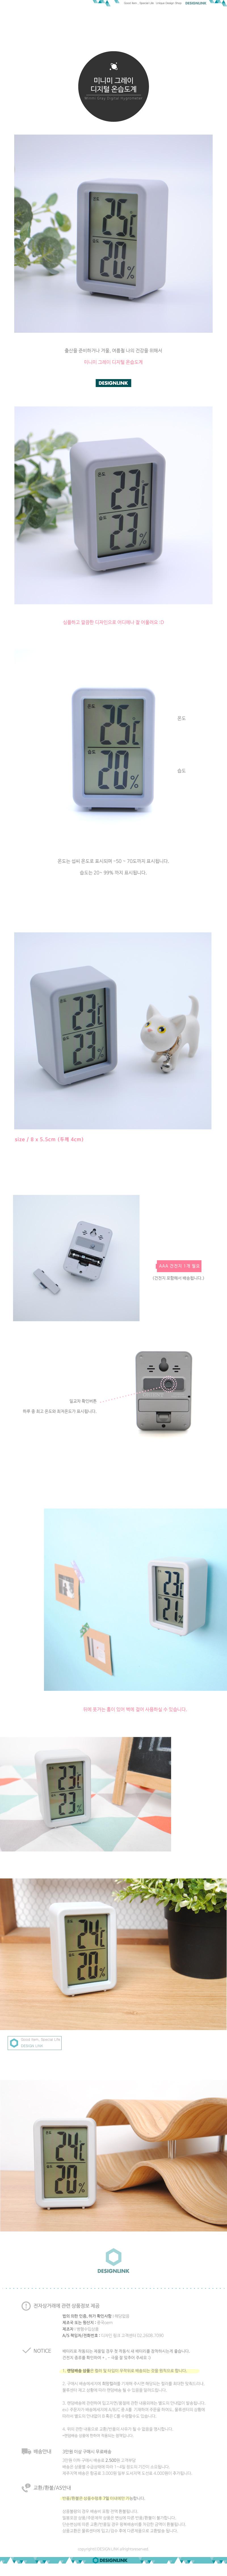 미니미 그레이 디지털 온습도계 - 디자인링크, 29,800원, 생활잡화, 온도계/습도계